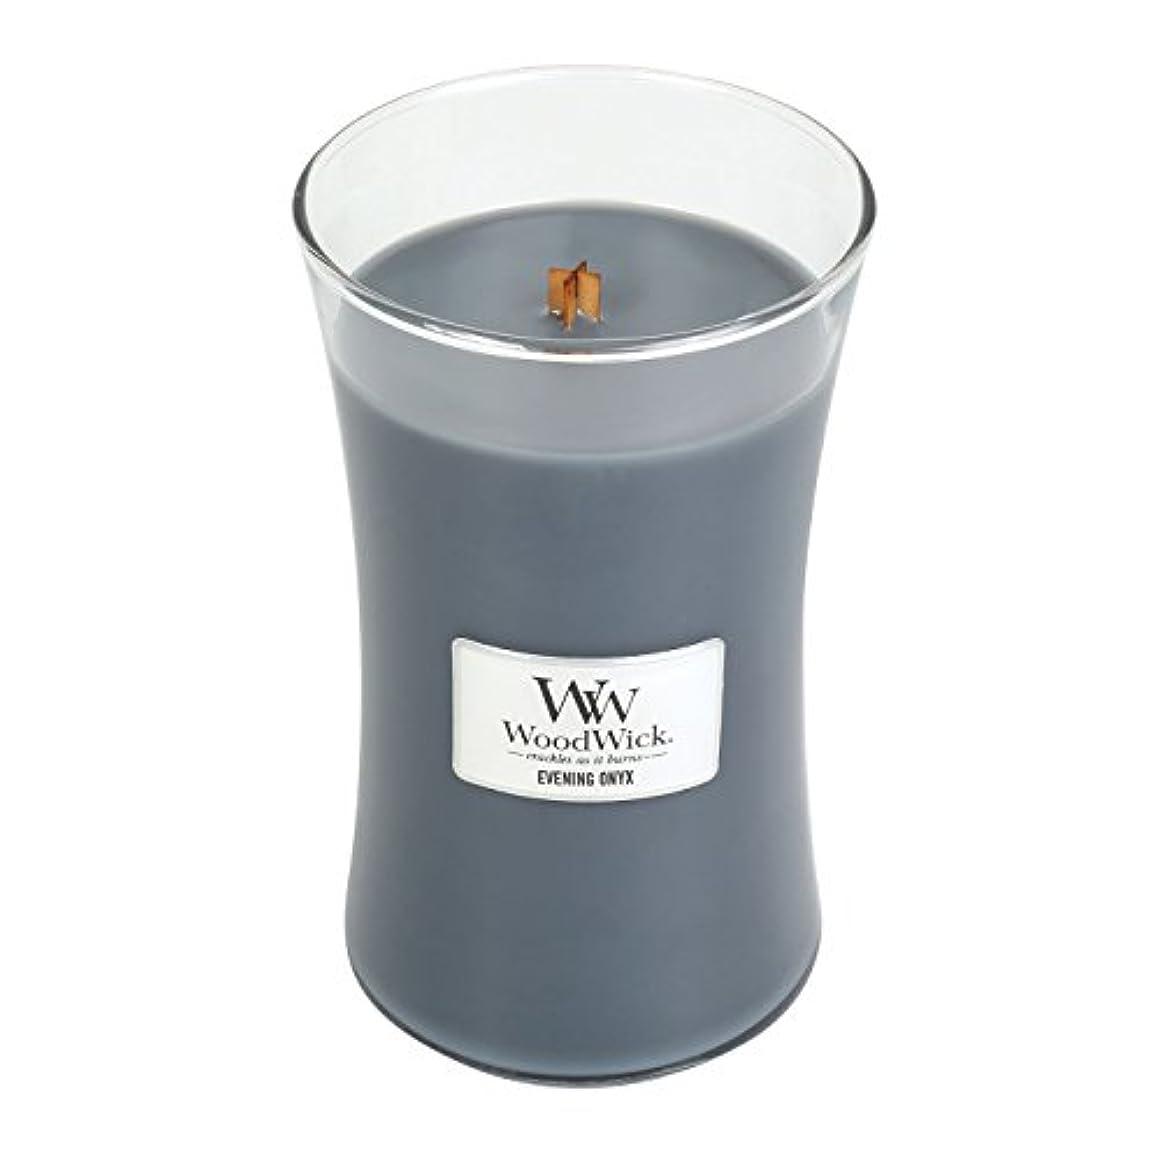 無駄ホームレギュラーWoodWick EVENING ONYX, Highly Scented Candle, Classic Hourglass Jar, Large 18cm, 640ml